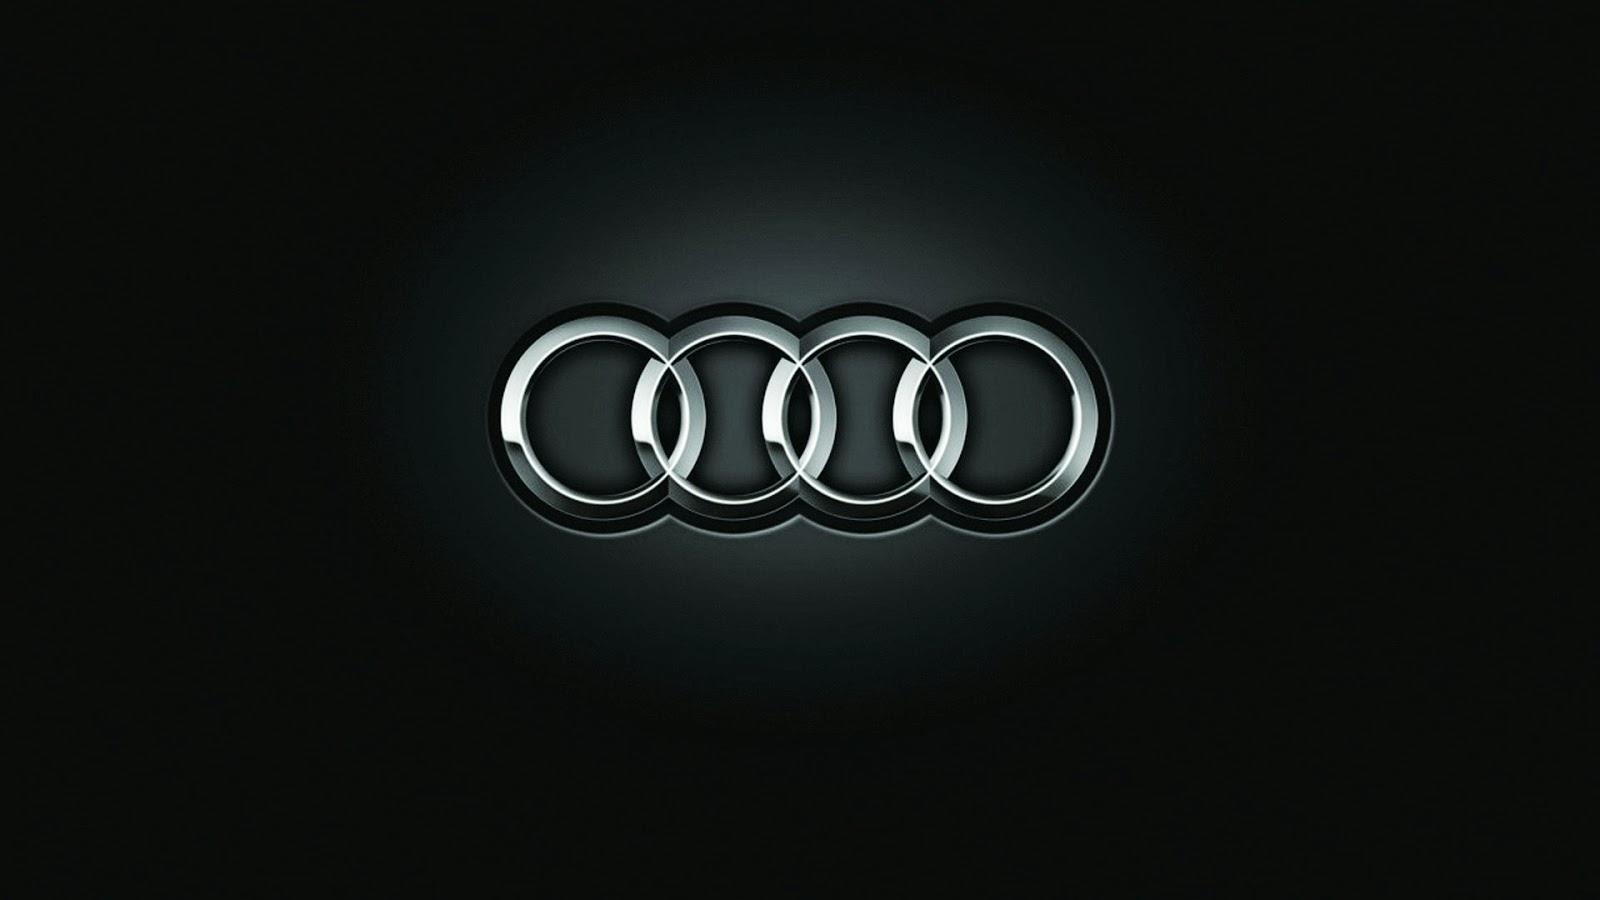 Fondos De Pantalla Coches: Fondo De Pantalla Coche Simbolo Audi